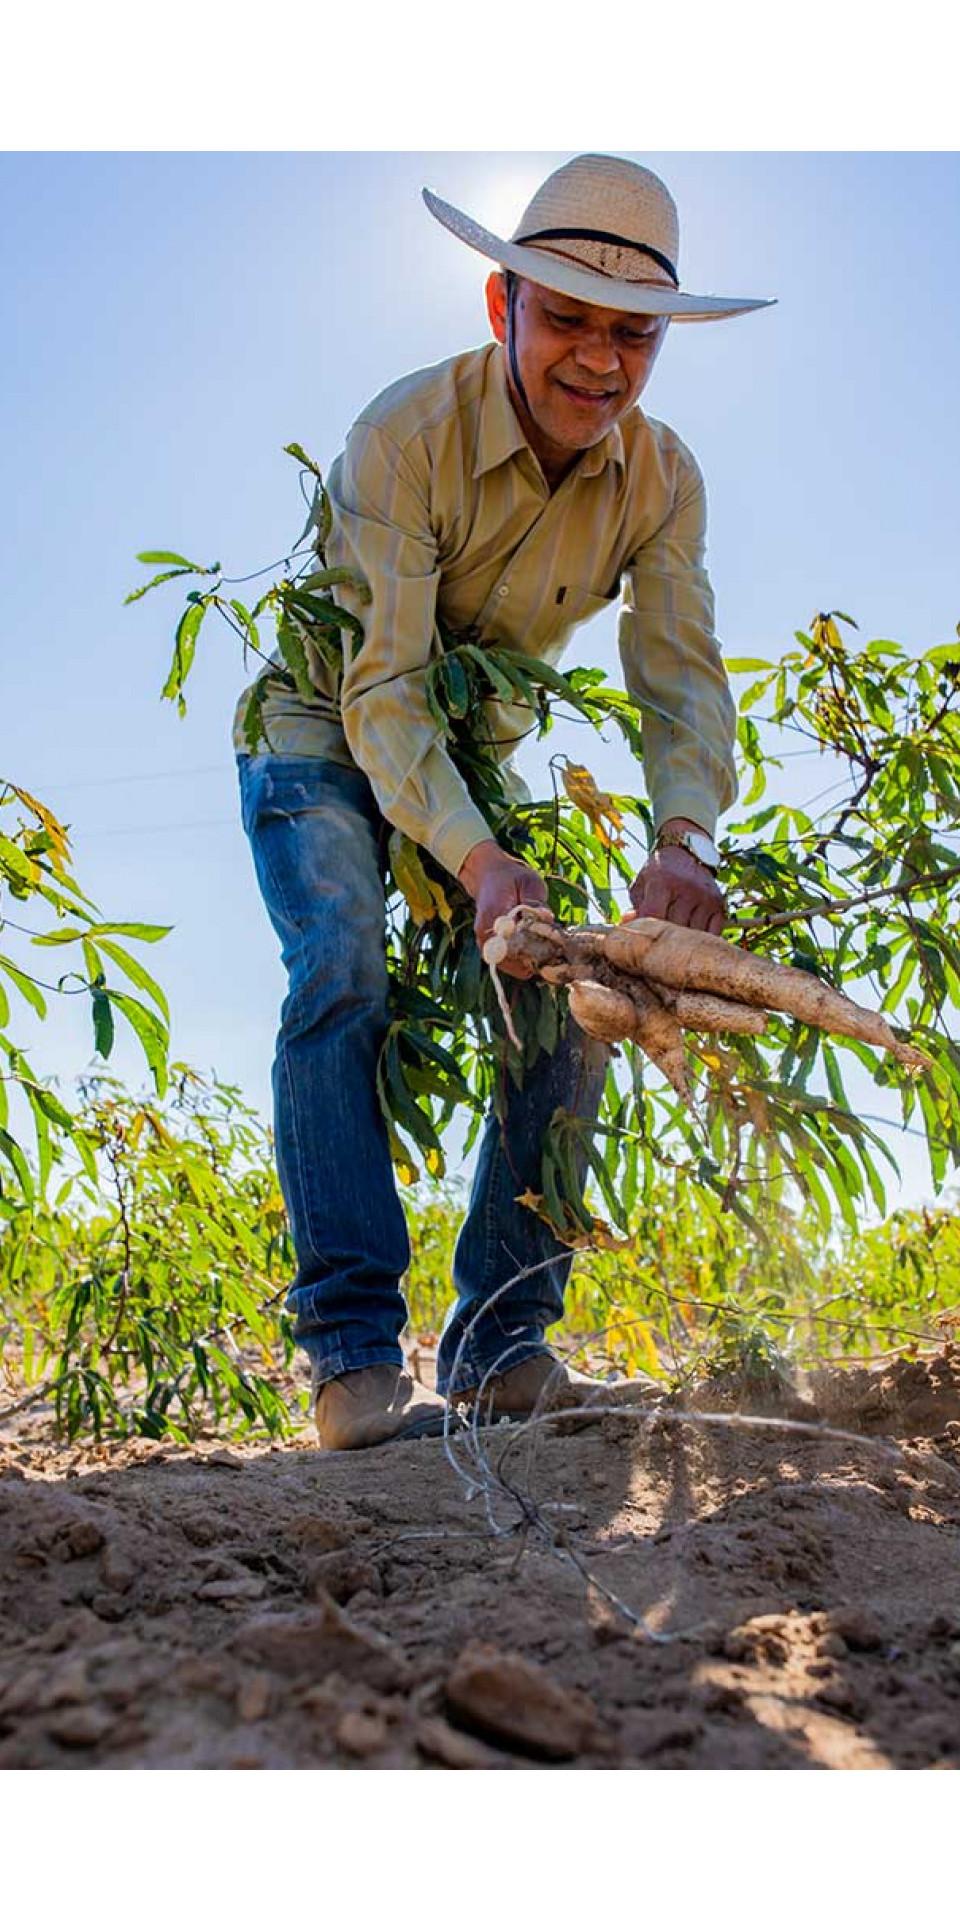 Lourival Líbano, 52 anos, no plantio de mandioca em Salitre, sul do Ceará